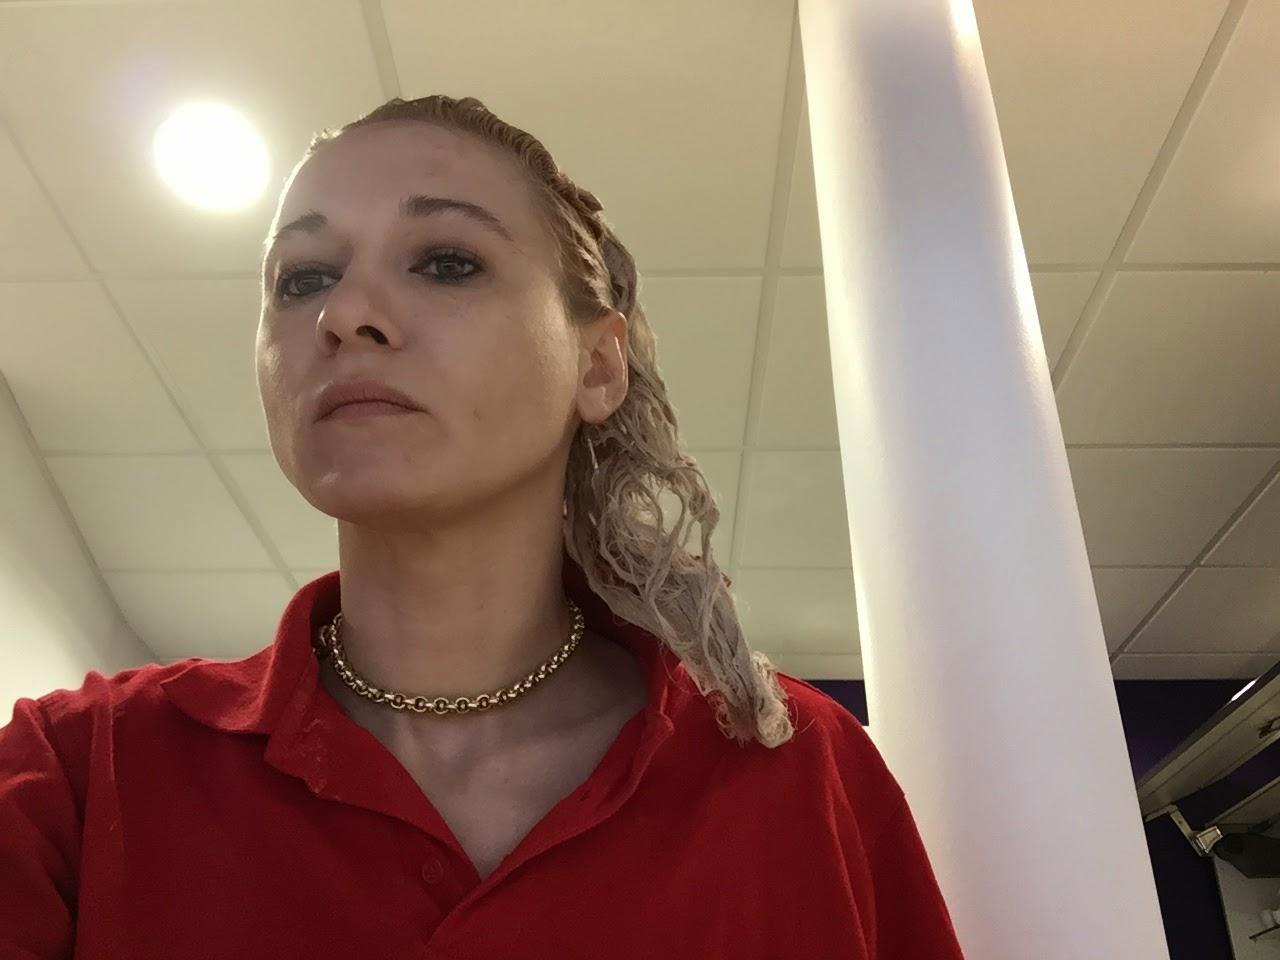 Mein beauty test blog excellence blonde legends von loreal for 10 minuten haarfarbe